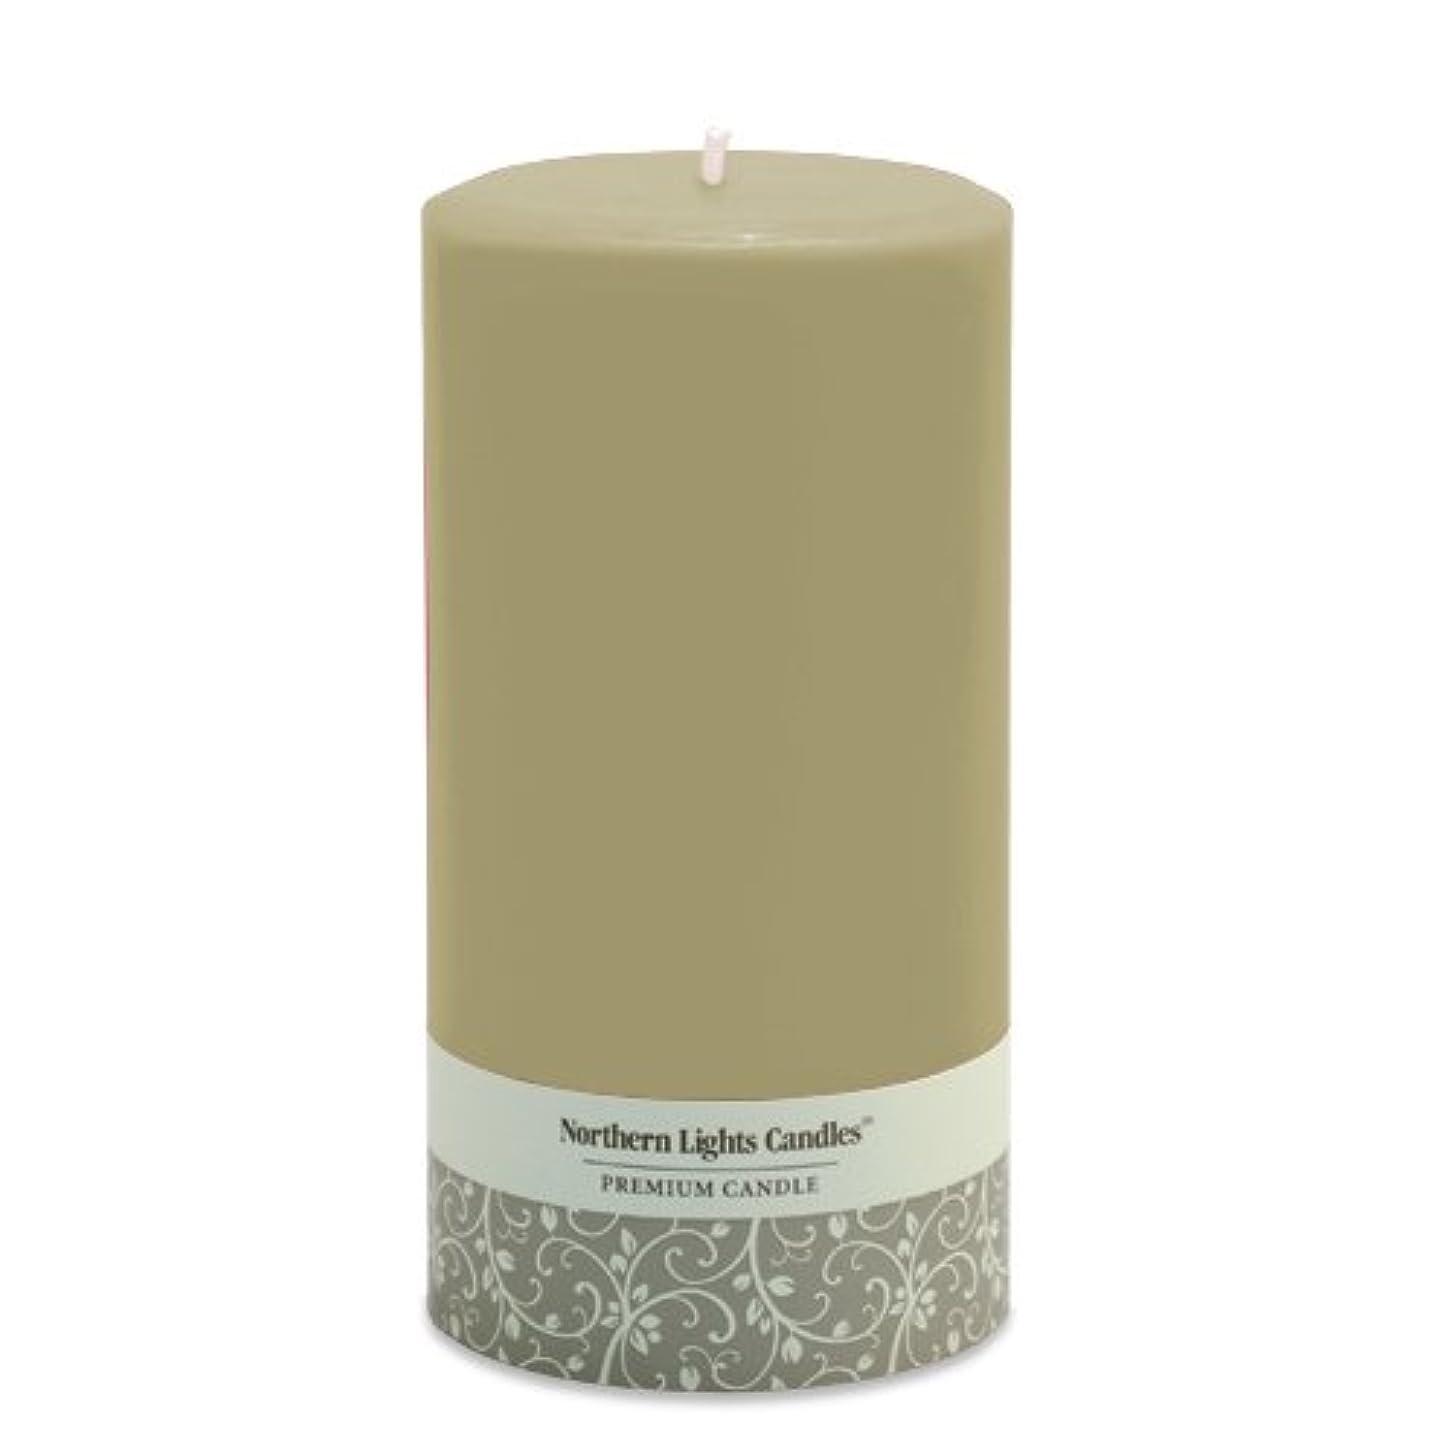 治療内陸女王(7.6cm by 15cm , Sand) - Northern Lights Candles Fragrance Free Pillar Candle, 7.6cm by 15cm , Sand